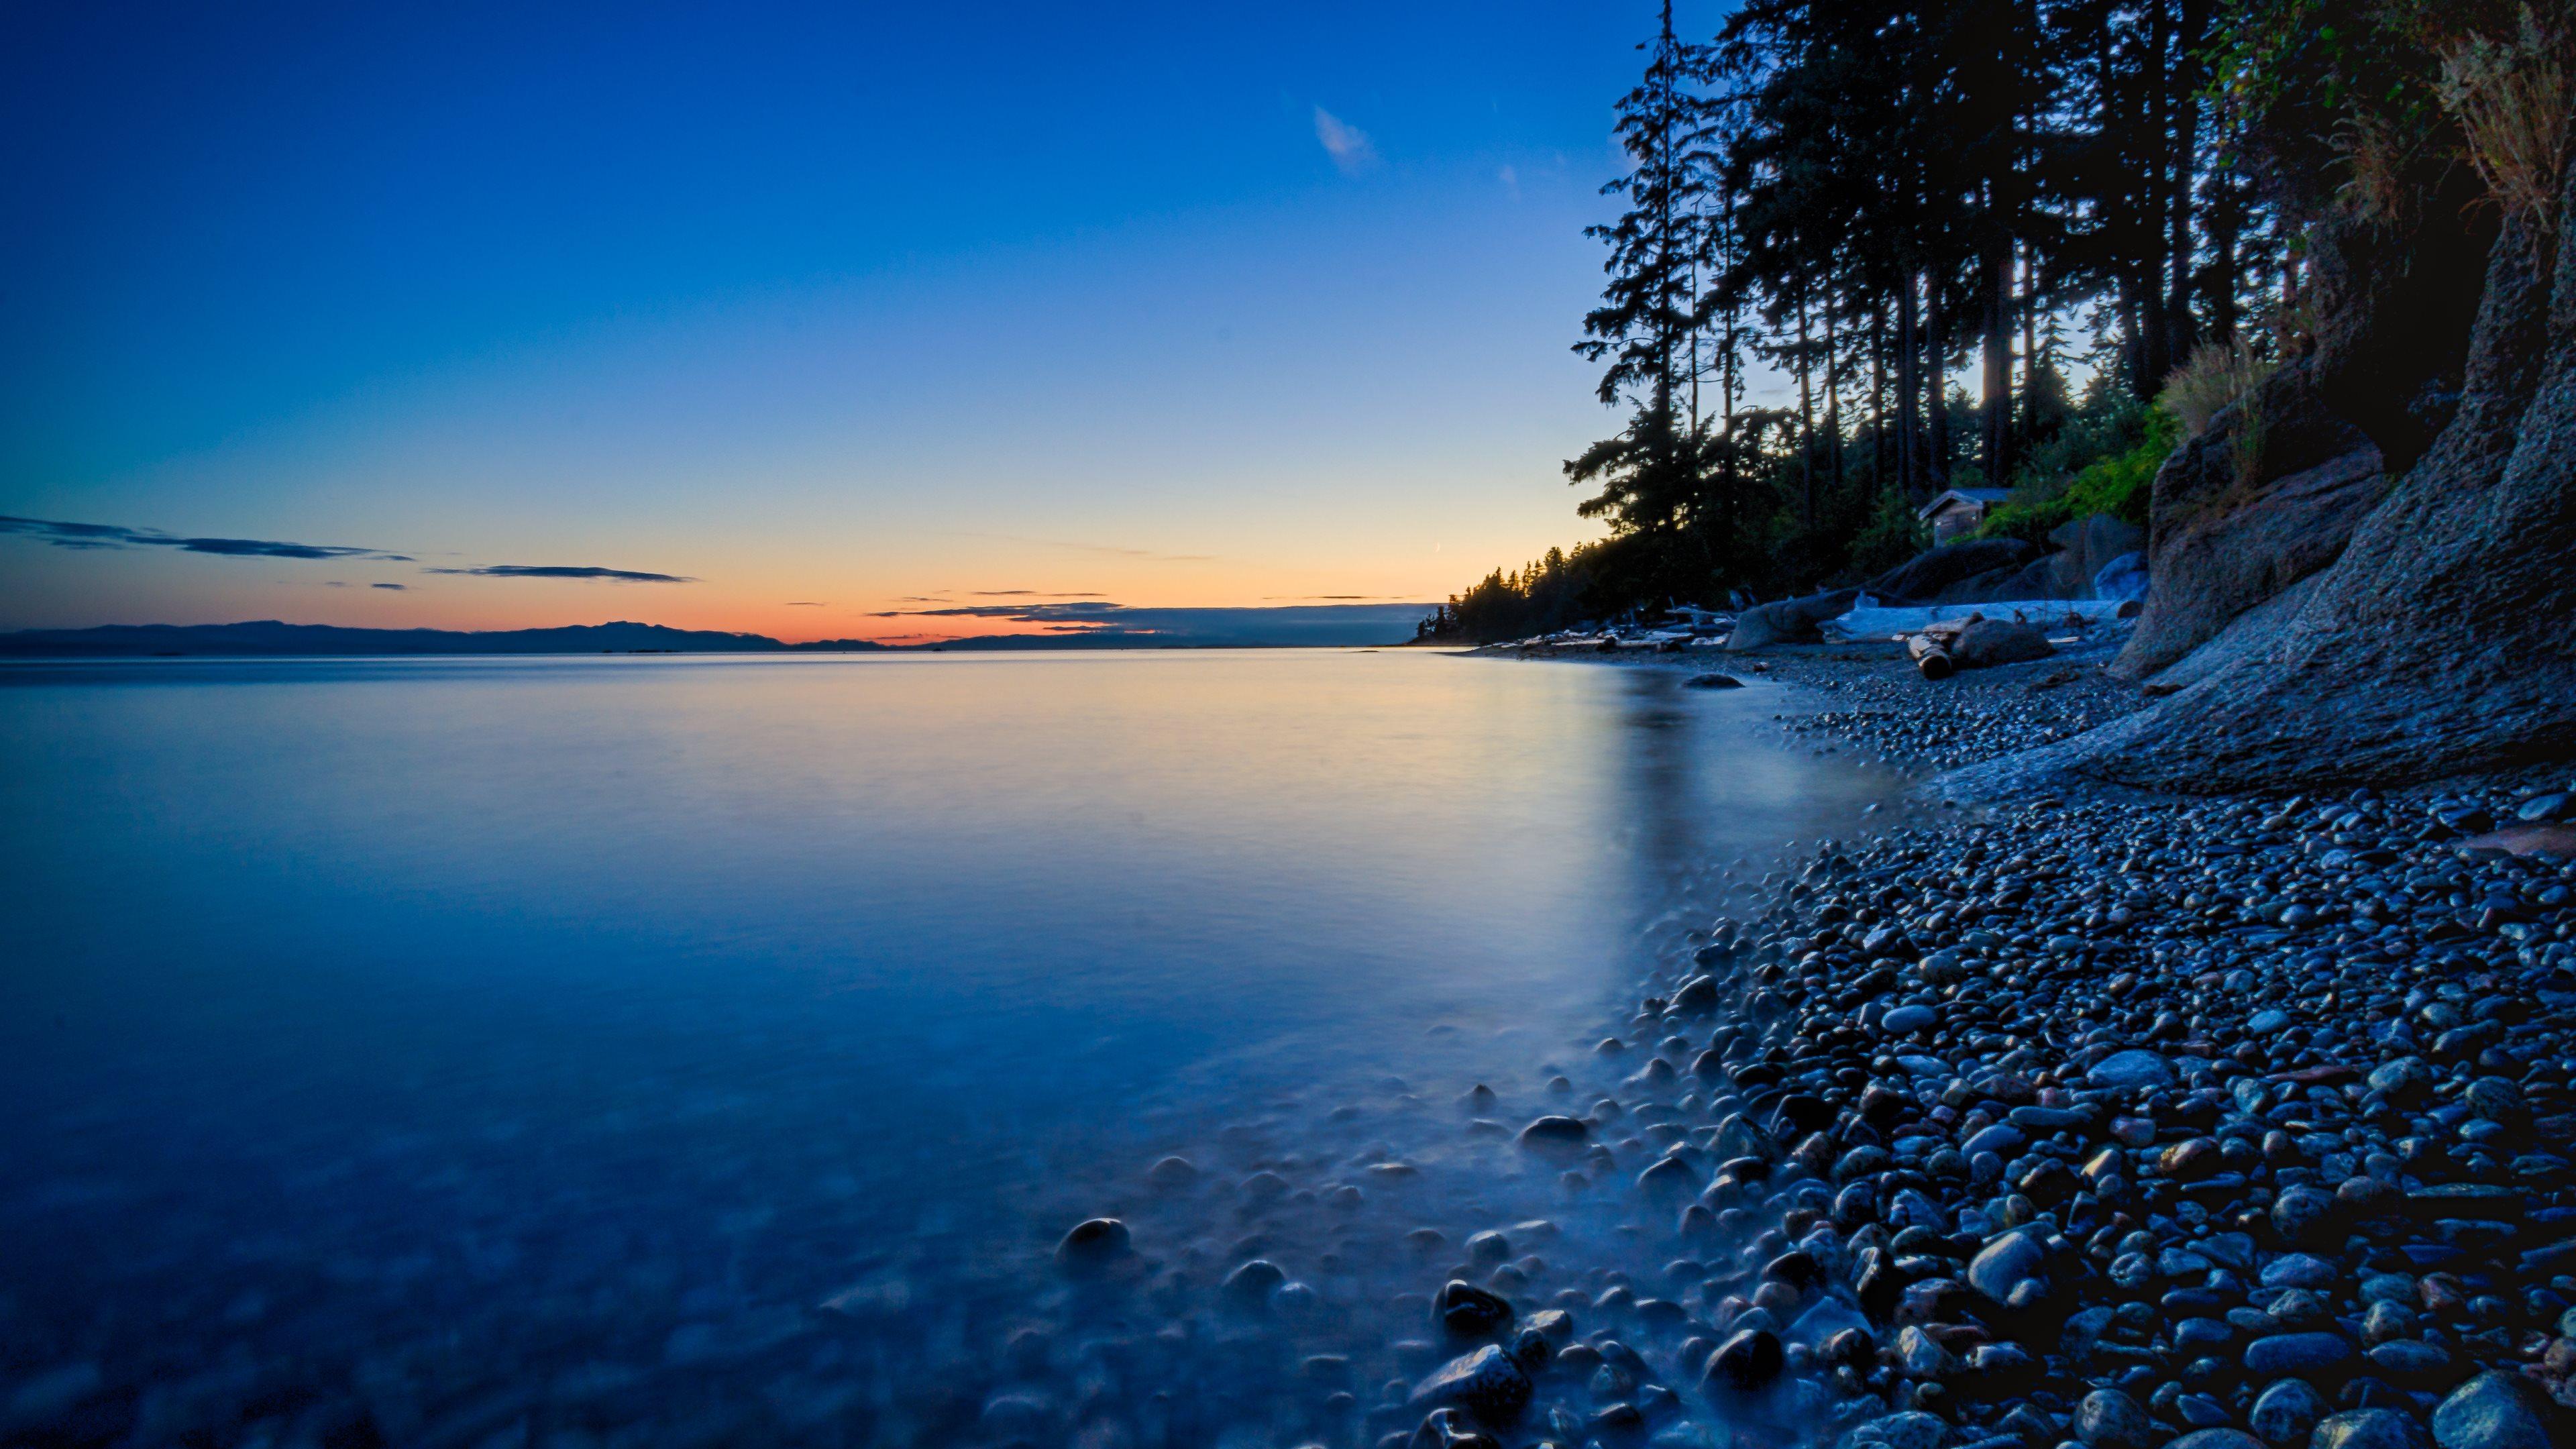 beautiful sunset sea sky scenery landscape 4k 1540144782